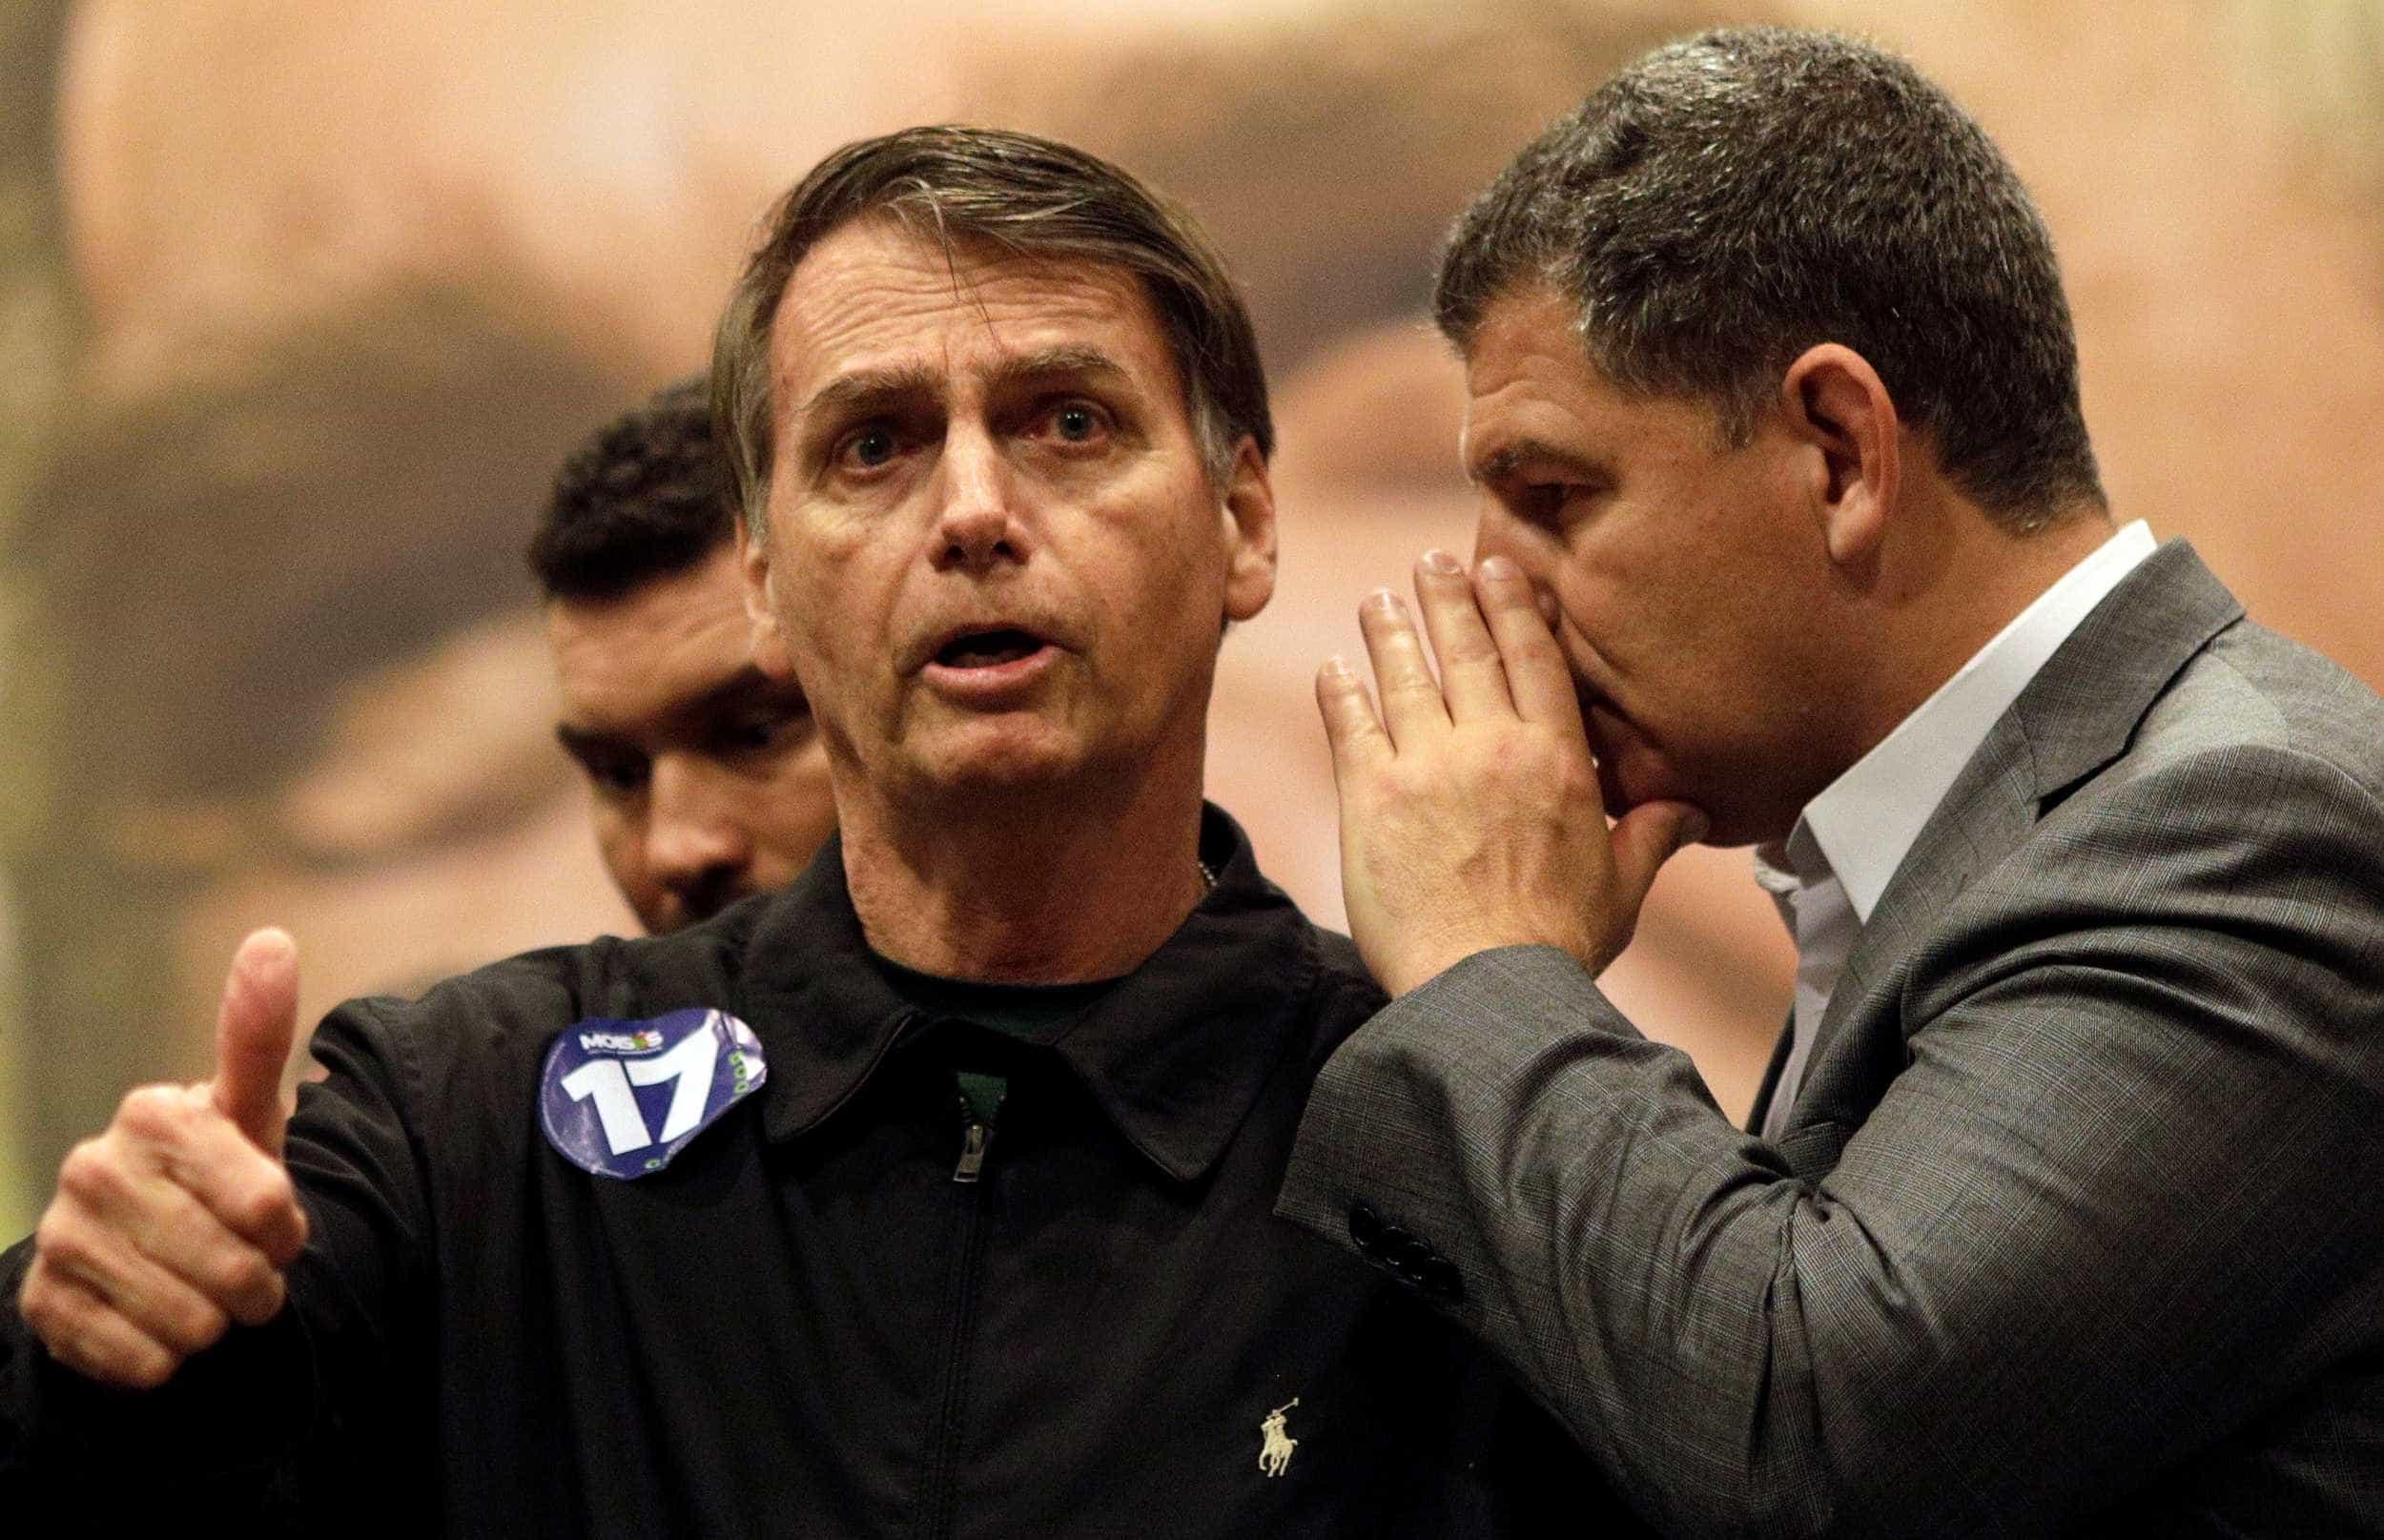 Vídeo de Bolsonaro foi exigência de Bebianno para 'saída honrosa'